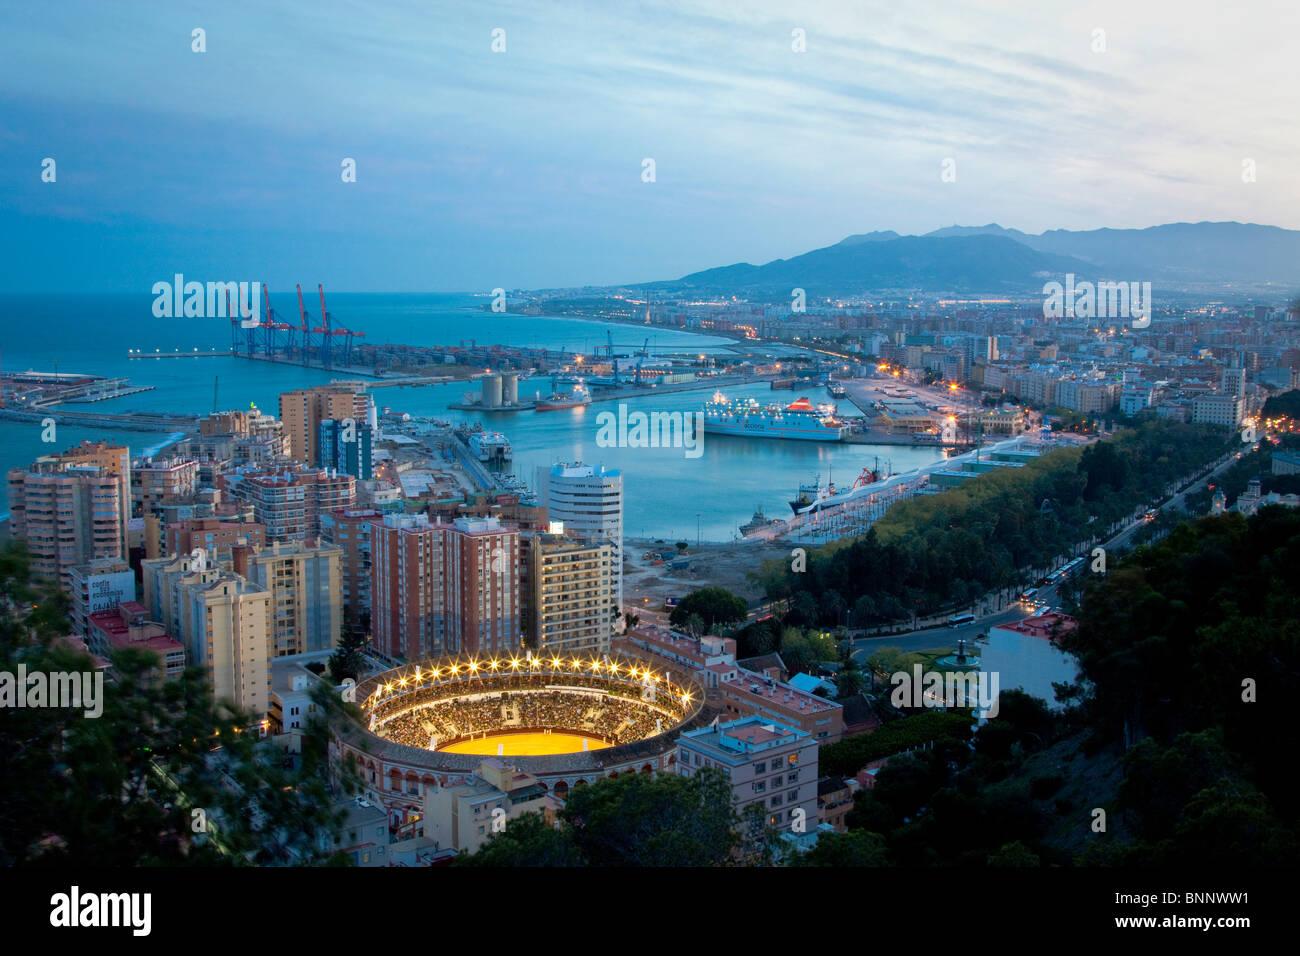 Spanien Barcelona Katalonien Nacht Wasser Hafen Hafen Boote Stierkampf Arena Arena Andalusien Spanien Reisen Tourismus Stockbild